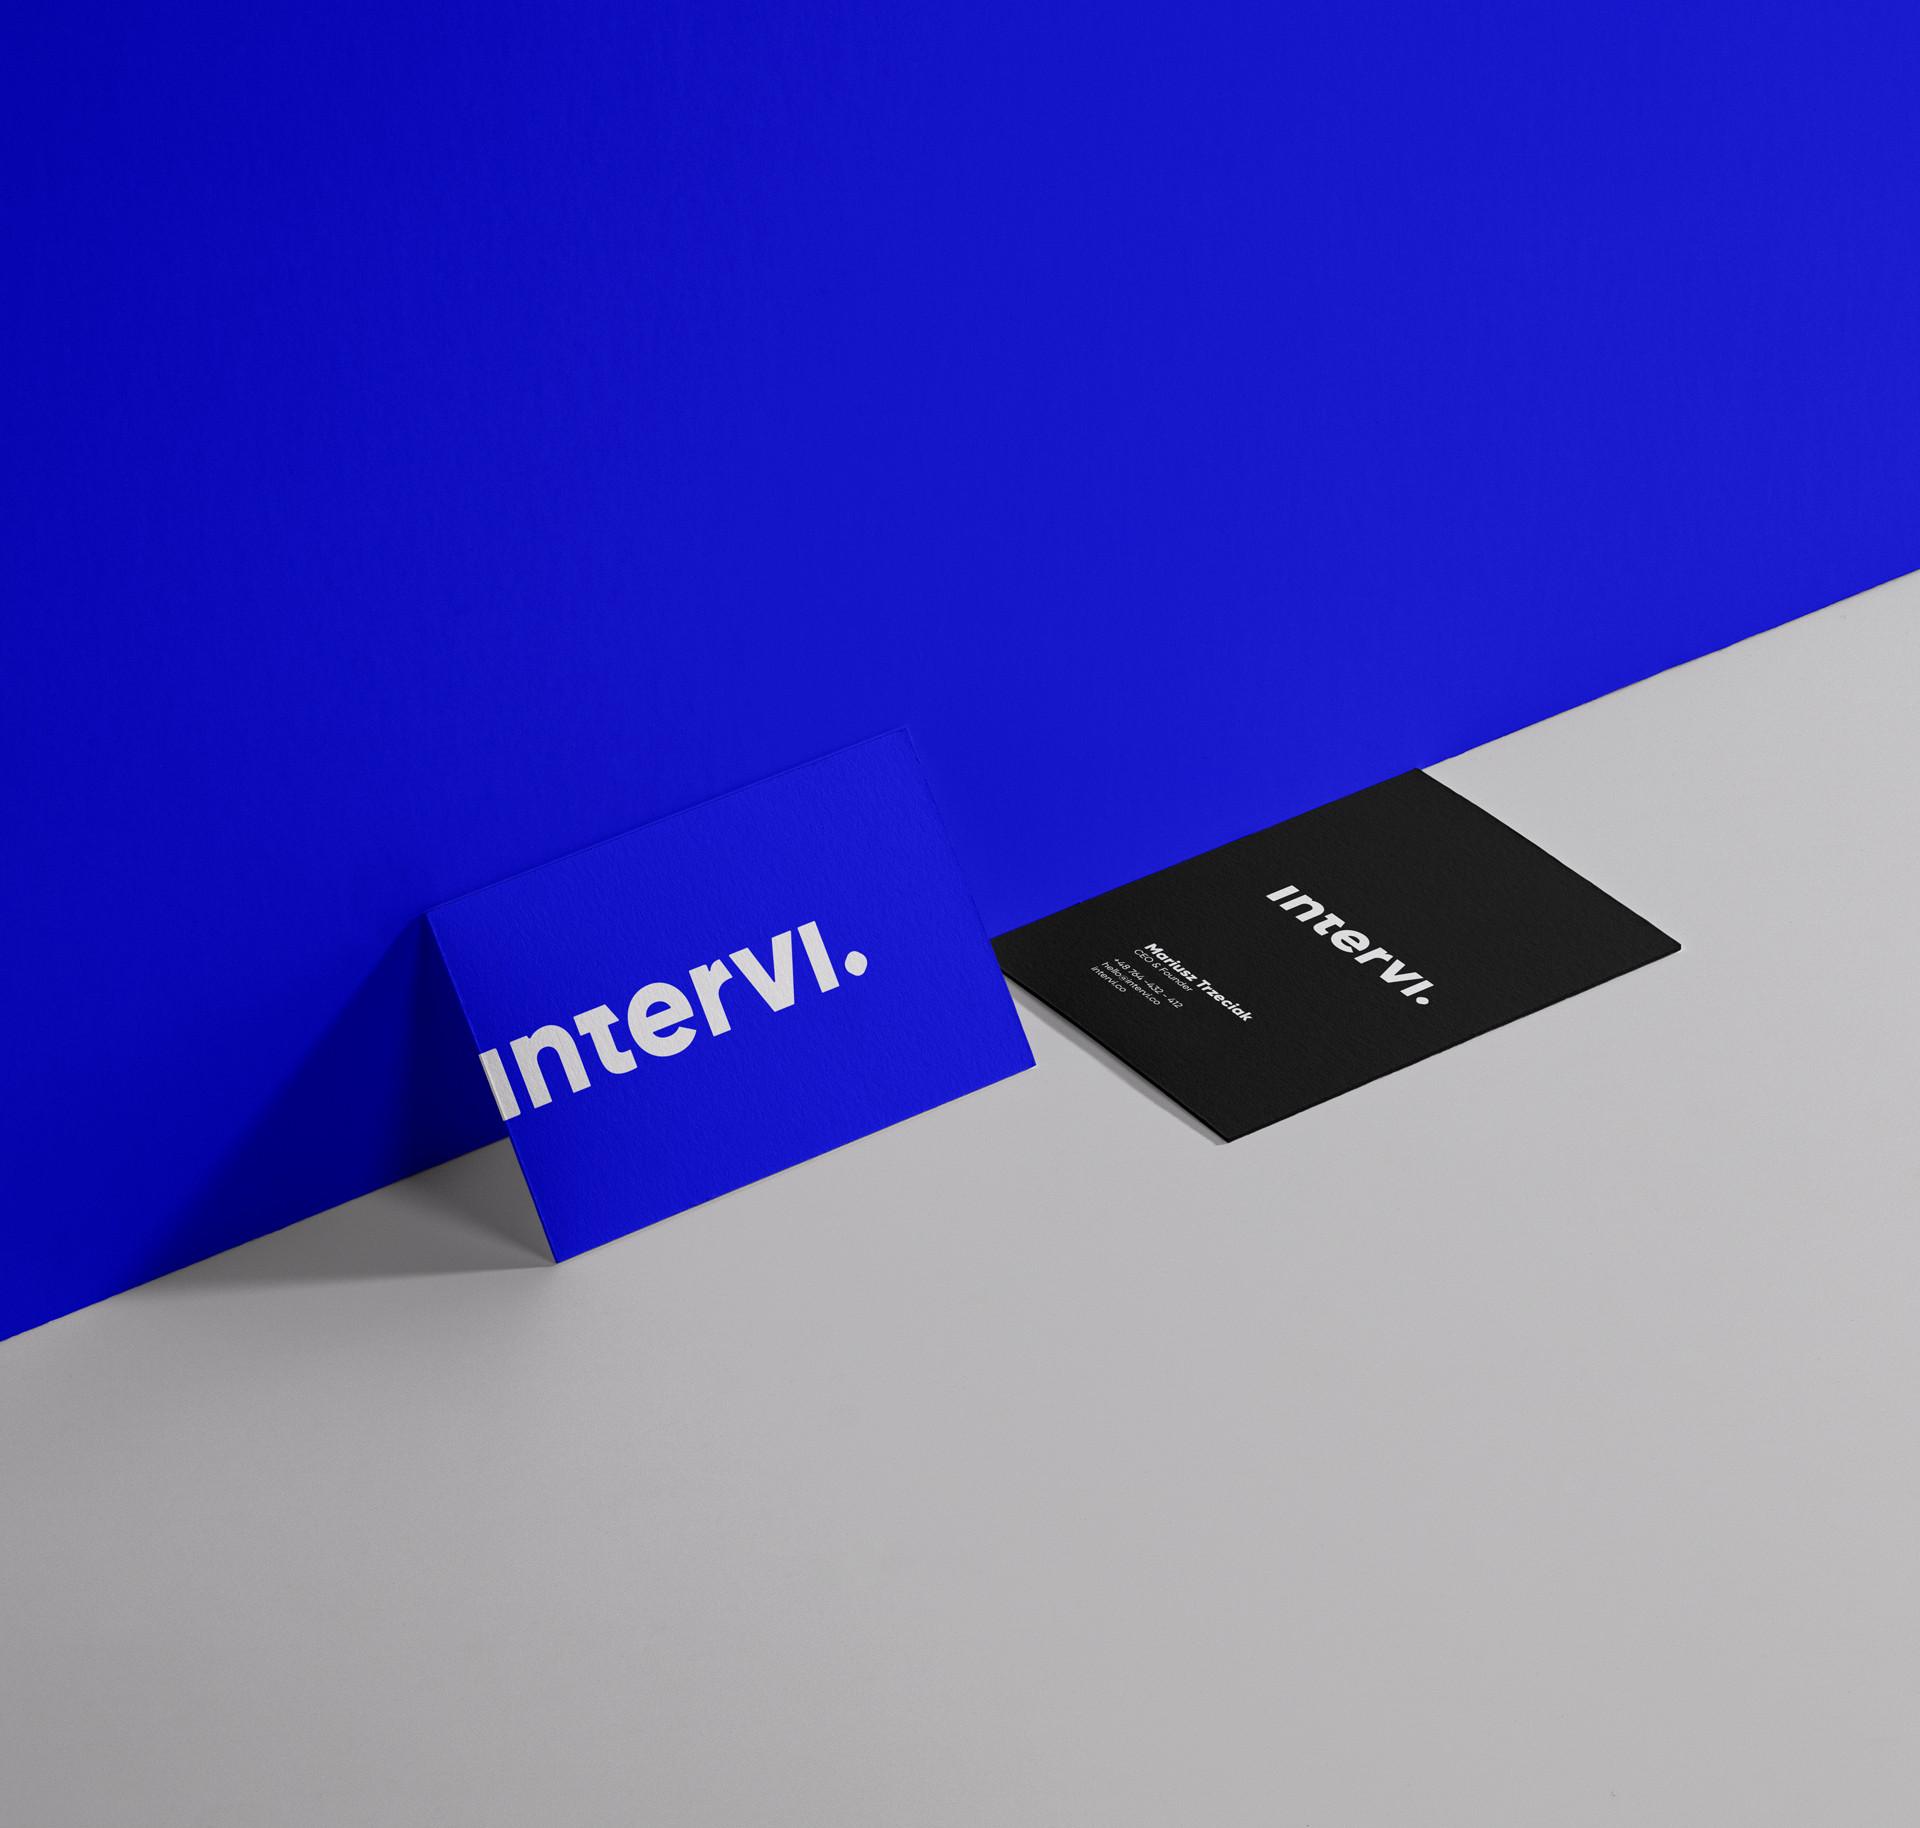 Grafika z niebieską i czarną ulotką Intervi